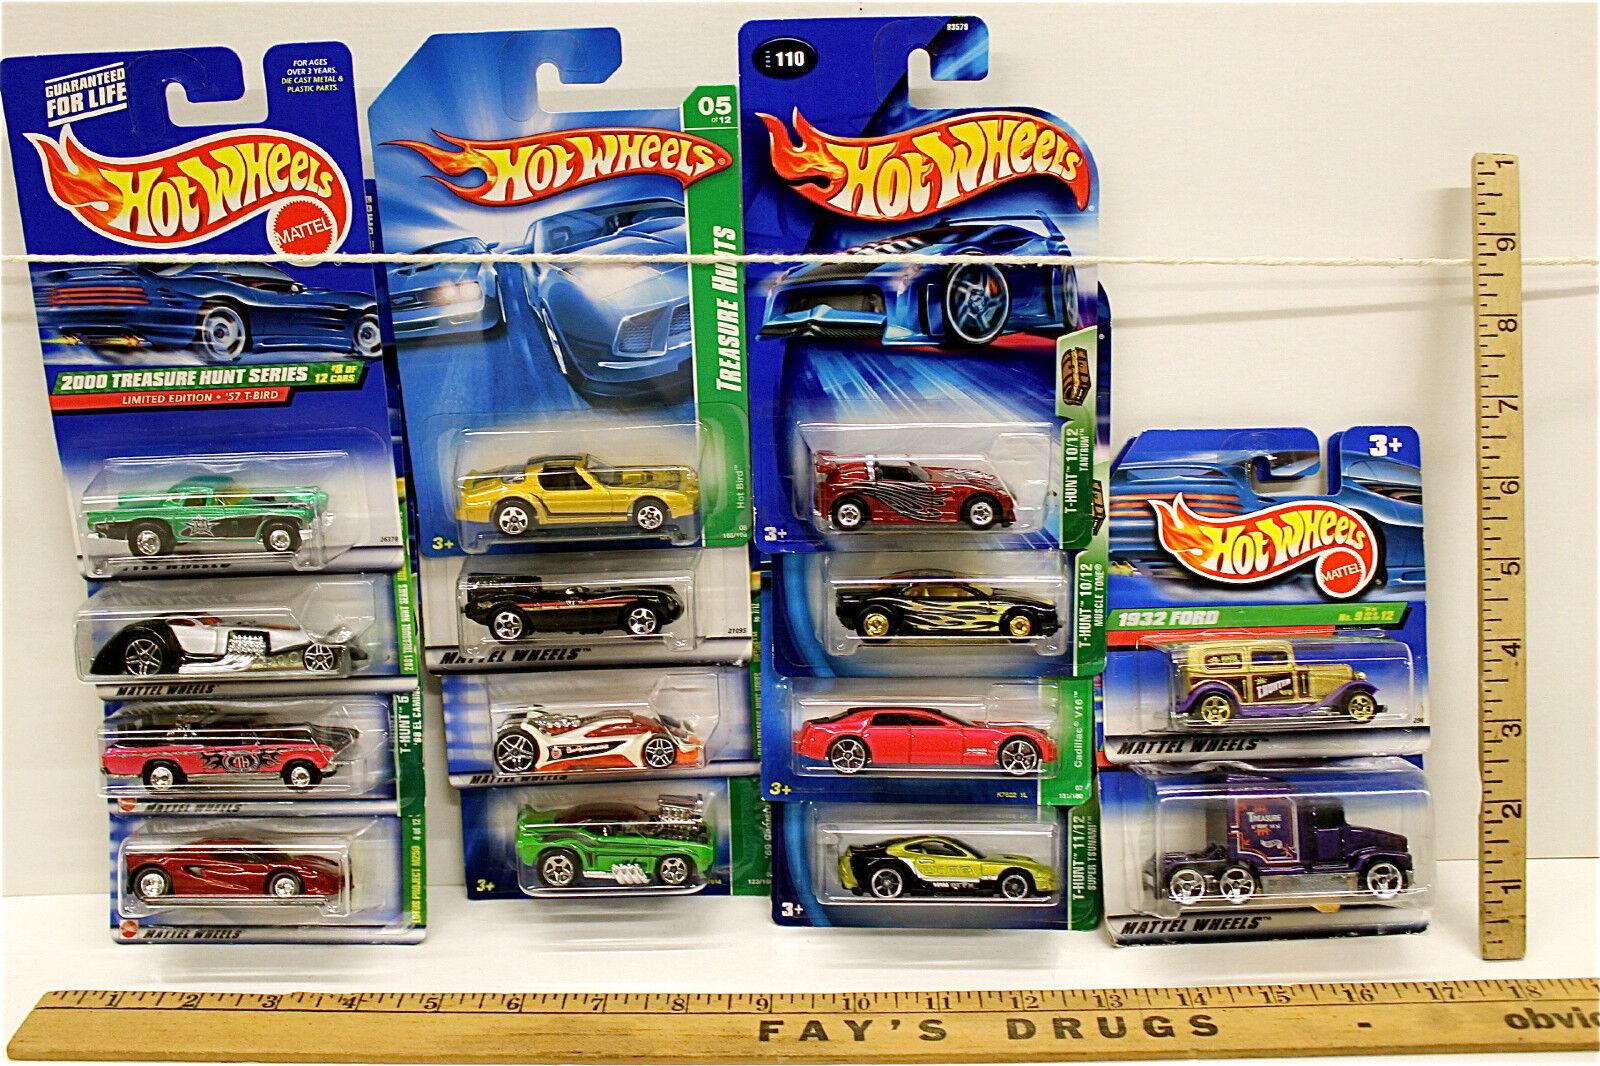 mas barato Vintage Hot Wheels Treasure Hunt Series 14 Mattel Diecast dos dos dos coches por igual Noc  ganancia cero